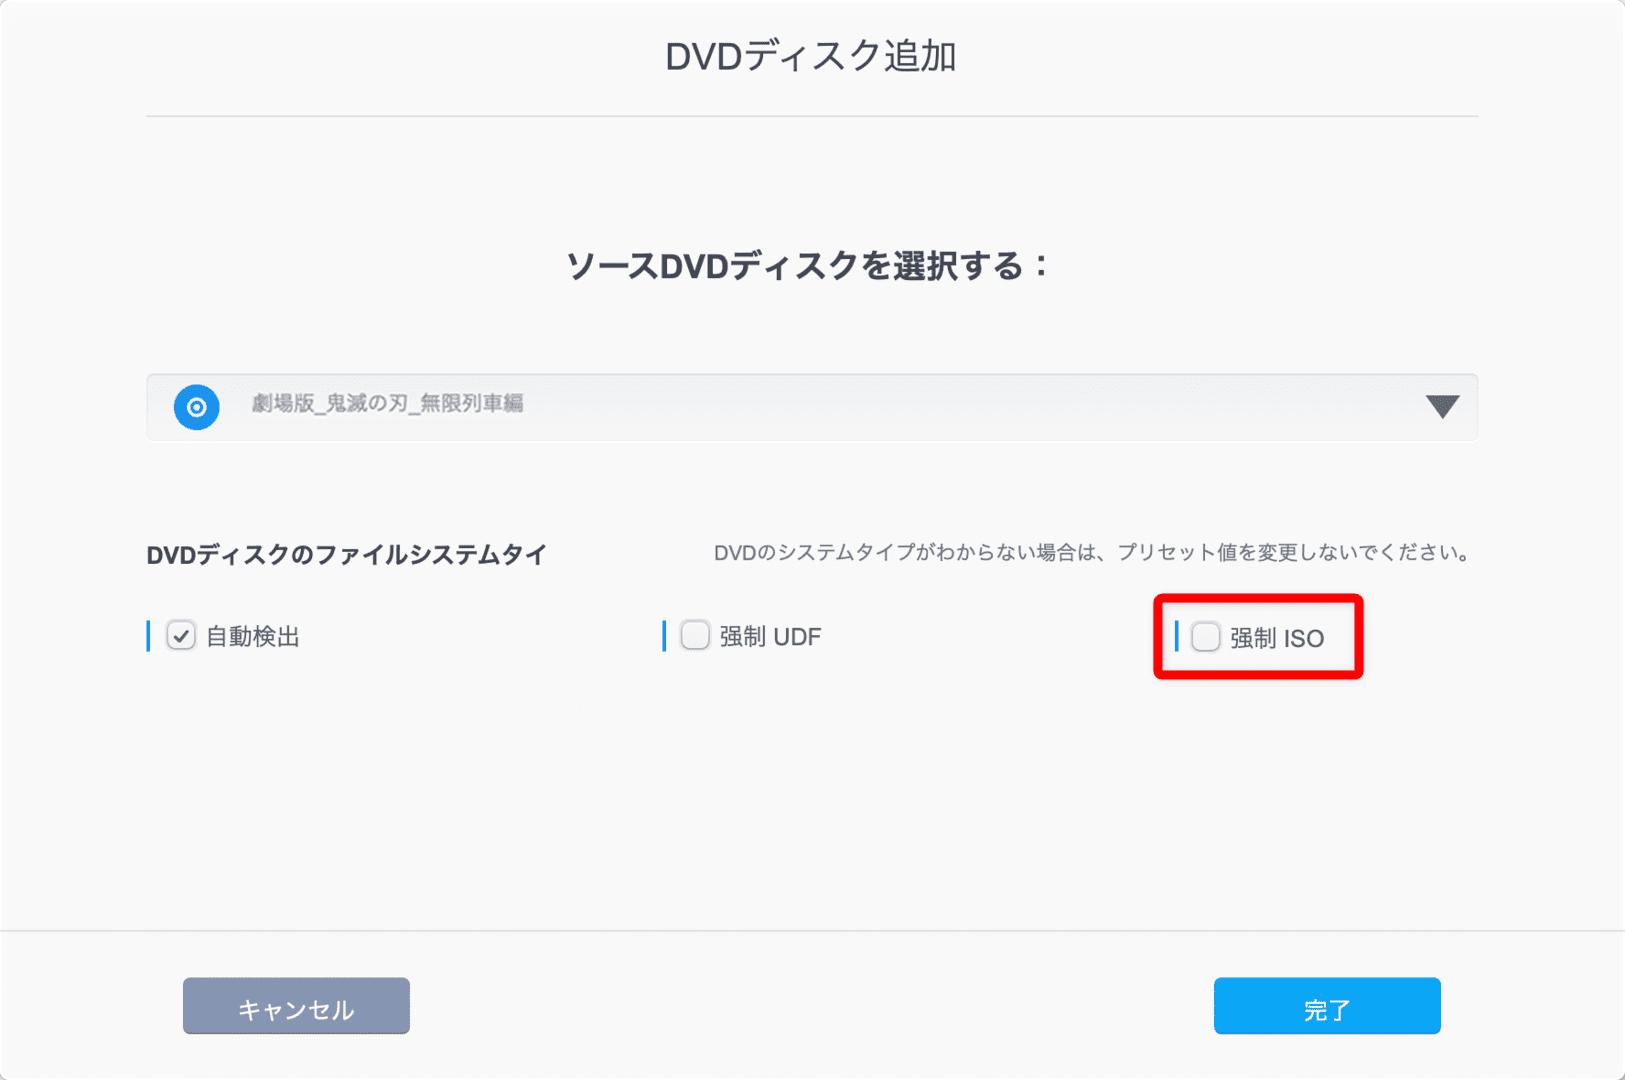 【DVDをiPhoneにコピーして観る】DVDリッピング~データ変換・スマホに取り込む方法|コピーガード解除、MP4・ISOのパソコン保存もVideoProcなら簡単!|DVDデータをmp4形式に変換する:動画データの処理を開始する:処理が途中で中断されてしまった場合は「強制ISO」を指定すればOKです。